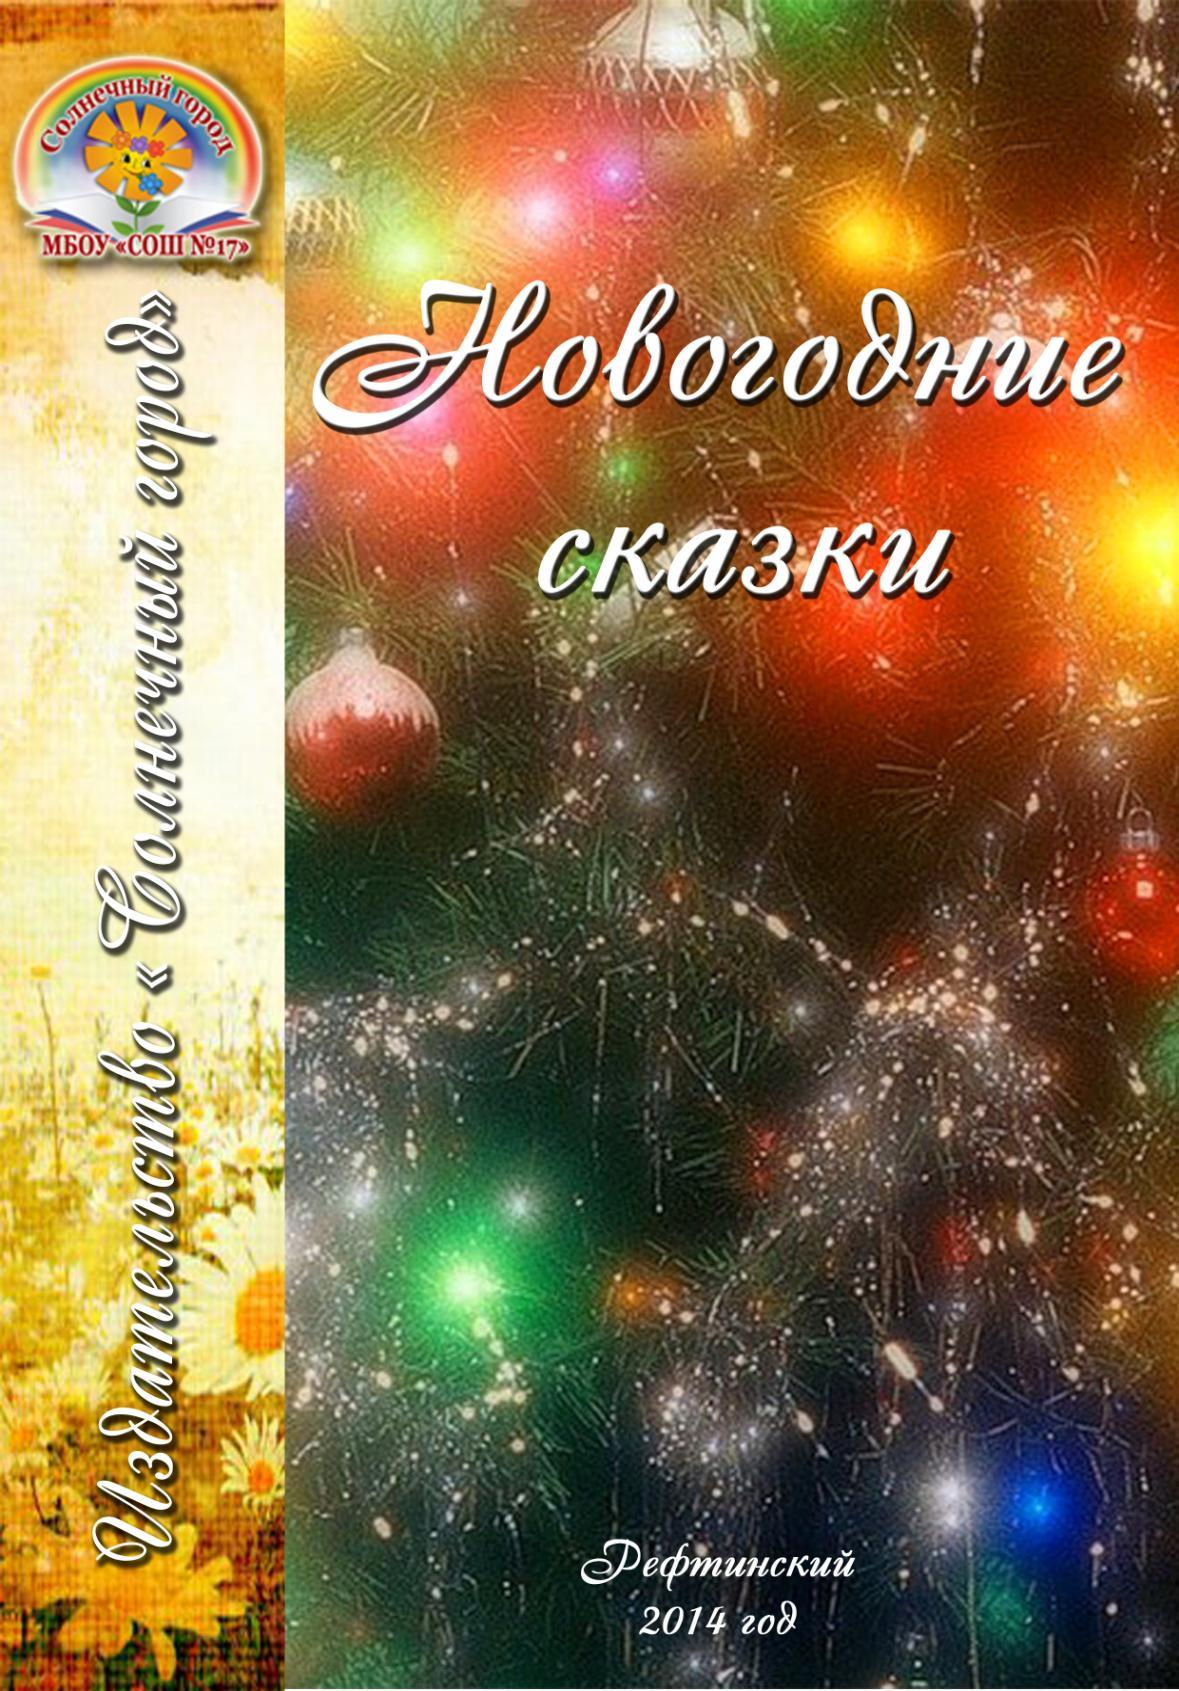 C:\Users\Пользователь\Dropbox\Новогодняя сказка на печать\обложка новогодние сказки.jpg